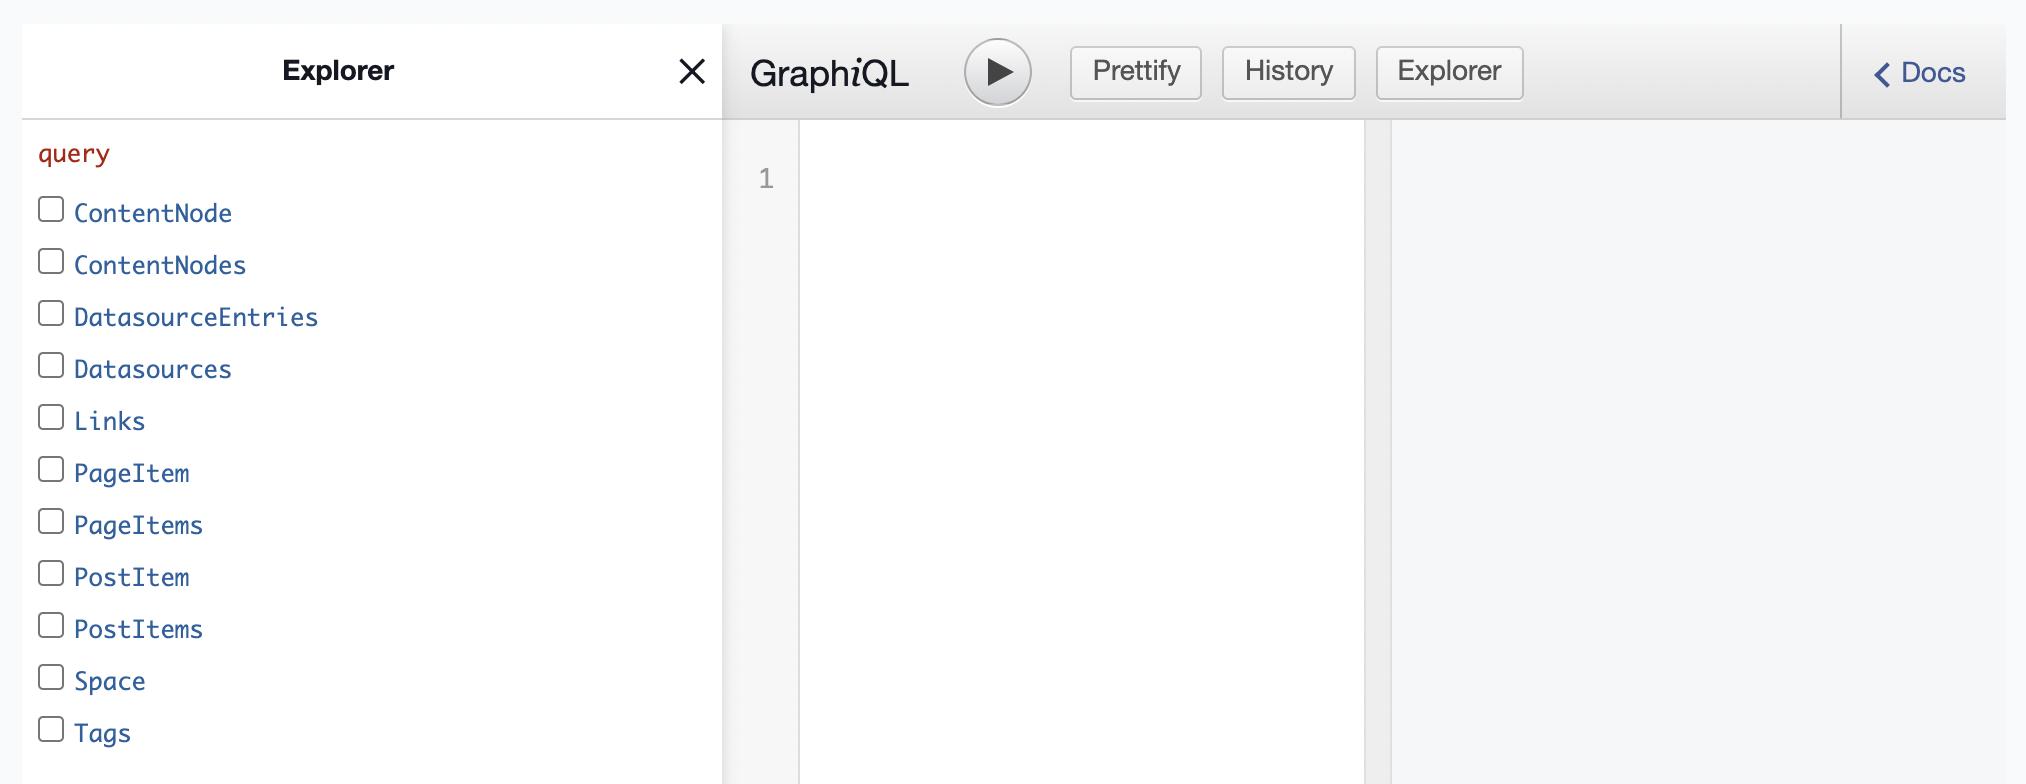 05-graphiql-explorer